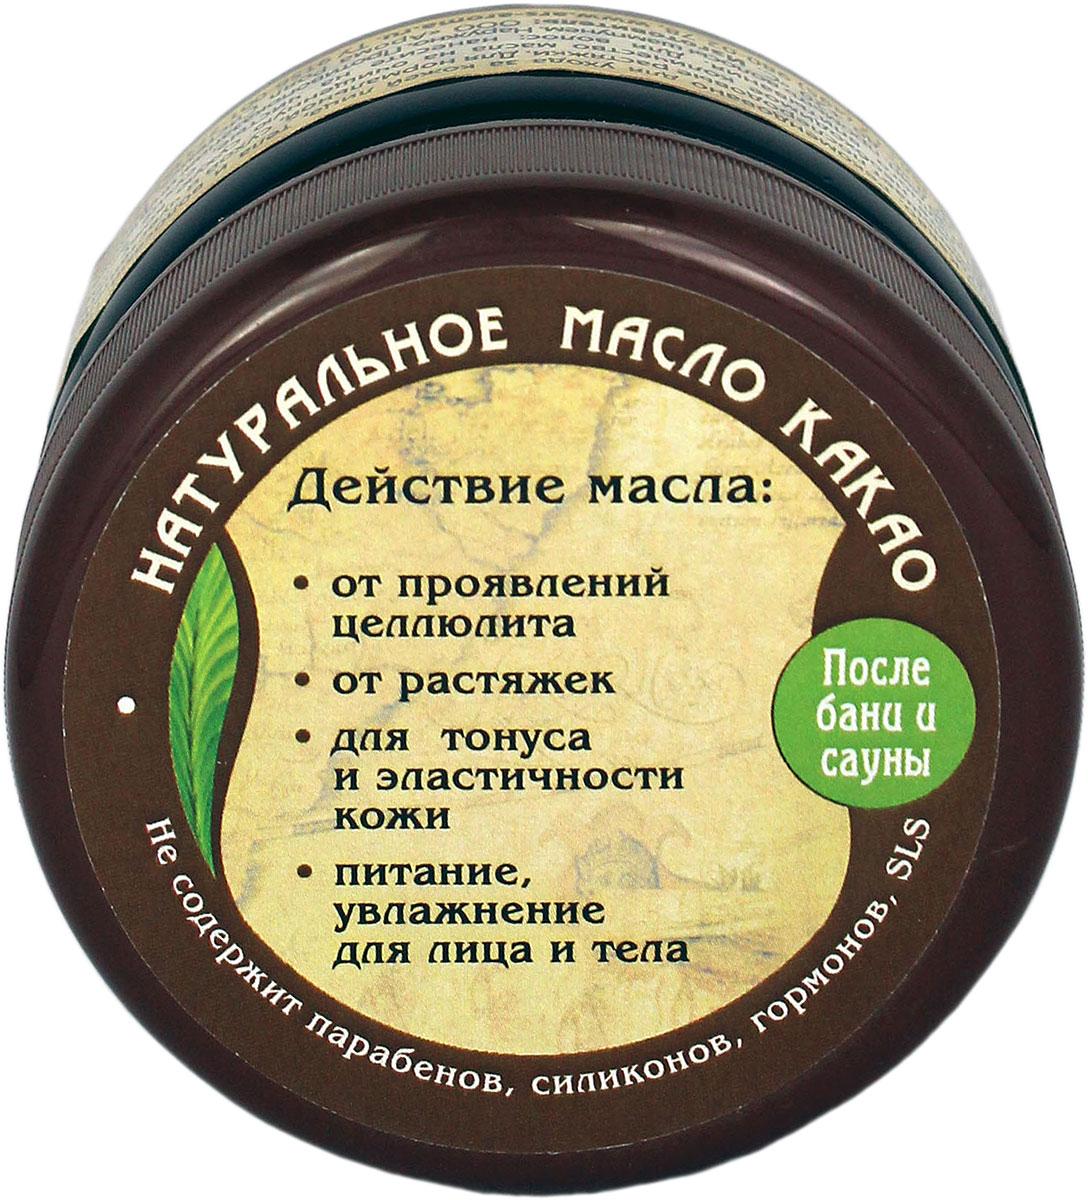 ARS Натуральное масло-баттер Какао, 75 гFS-00897Масло ARS Какао оживляет и тонизирует кожу, делая ее более нежной гладкой и сияющей. Масло обладает разглаживающими свойствами, незаменимо в борьбе с морщинами, помогает в избавлении от косметических дефектов: шрамов, рубцов, следов после прыщей, защищает кожу от обветривания и обморожения, масло какао особенно эффективно для ухода за губами и областью вокруг глаз.